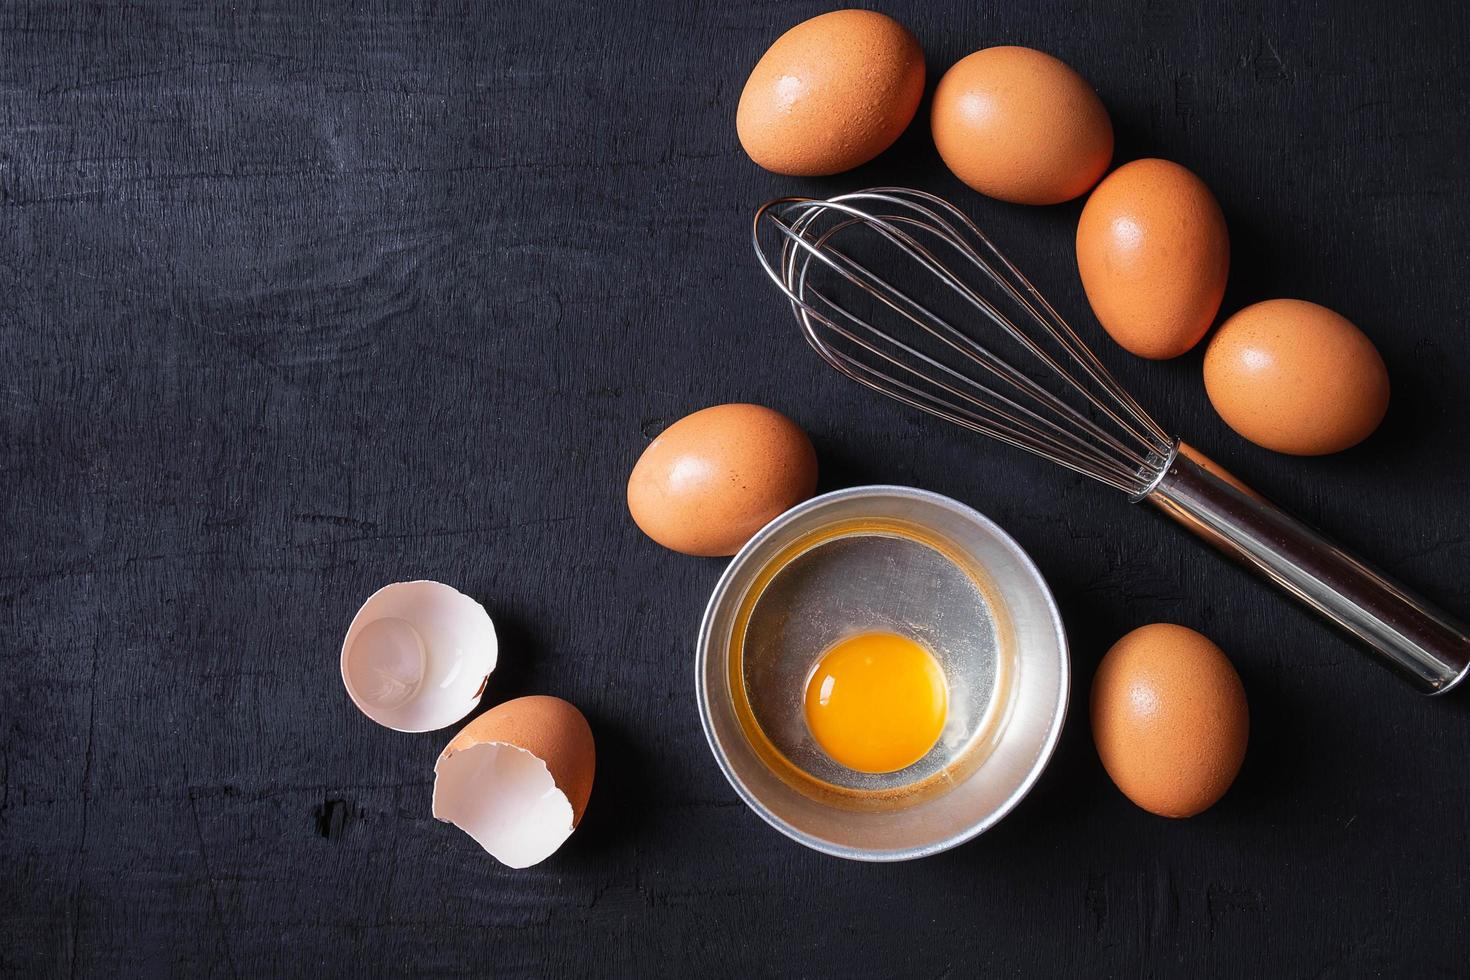 jaunes et protéines d'oeuf dans un bol photo